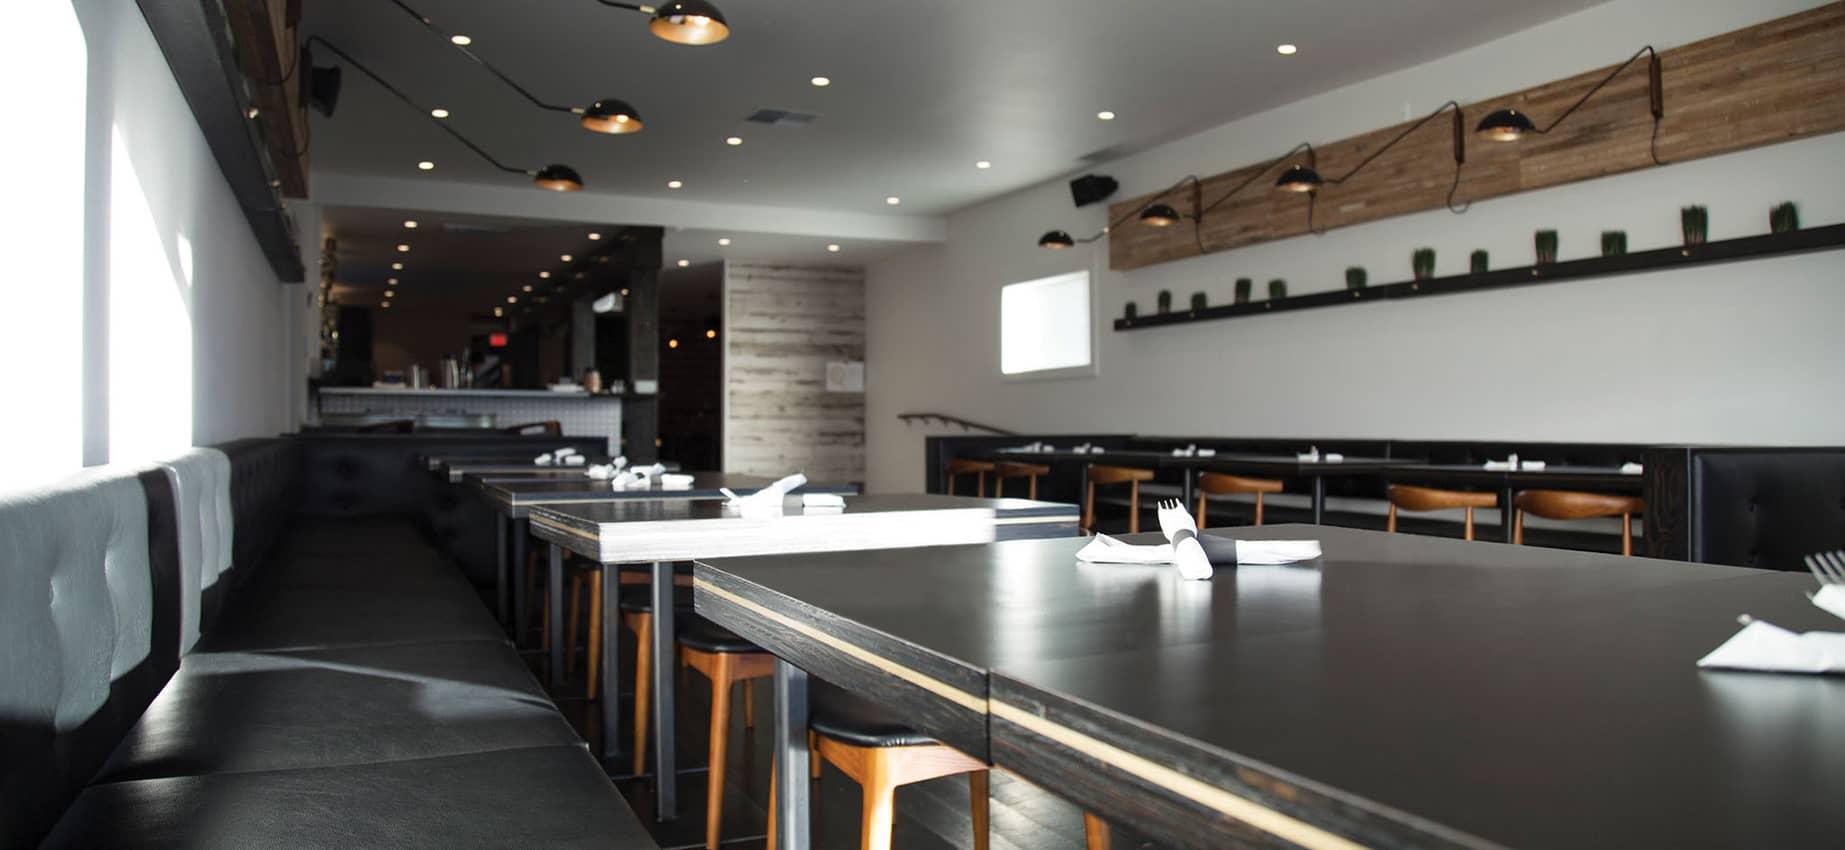 full service dining room